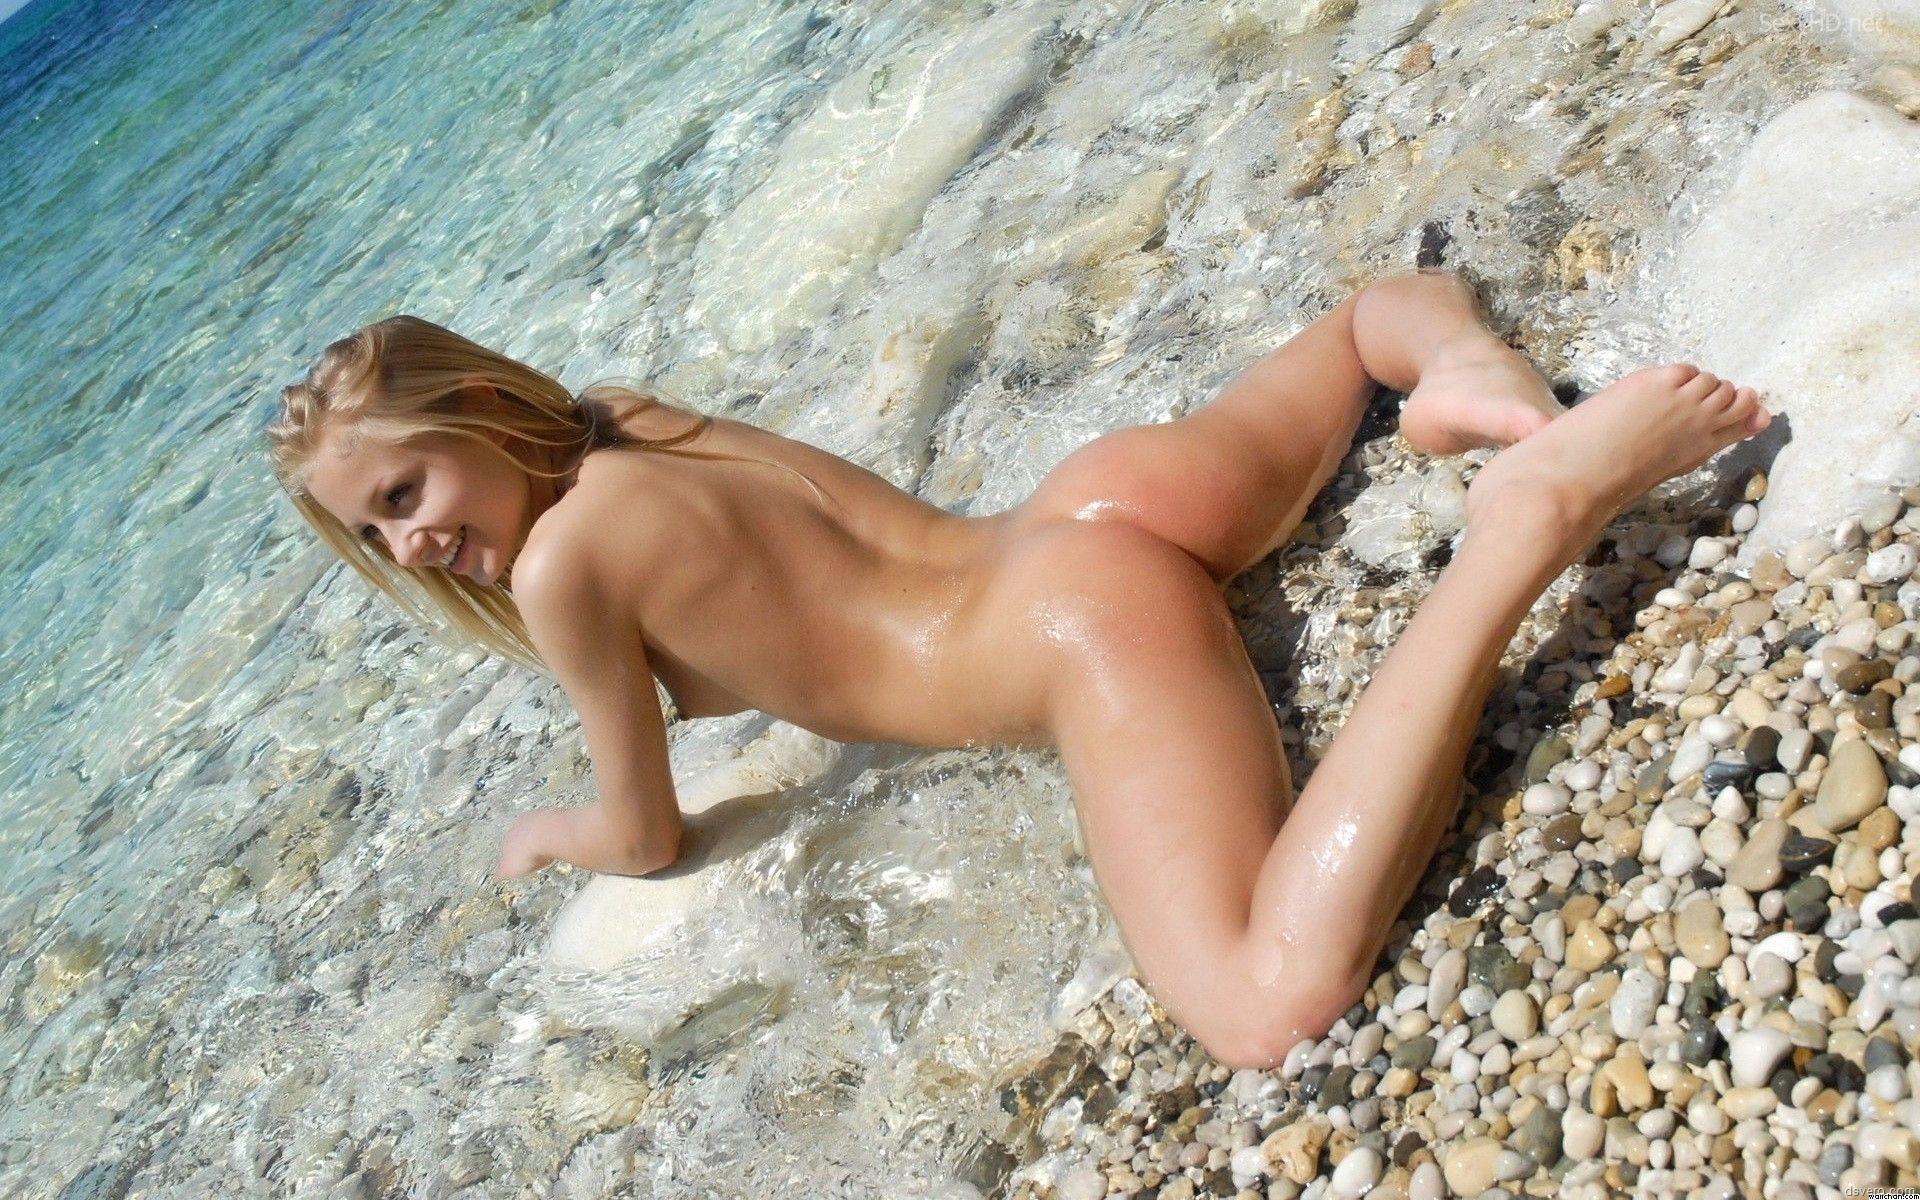 Фото Обнаженных Юных Девушек На Пляже